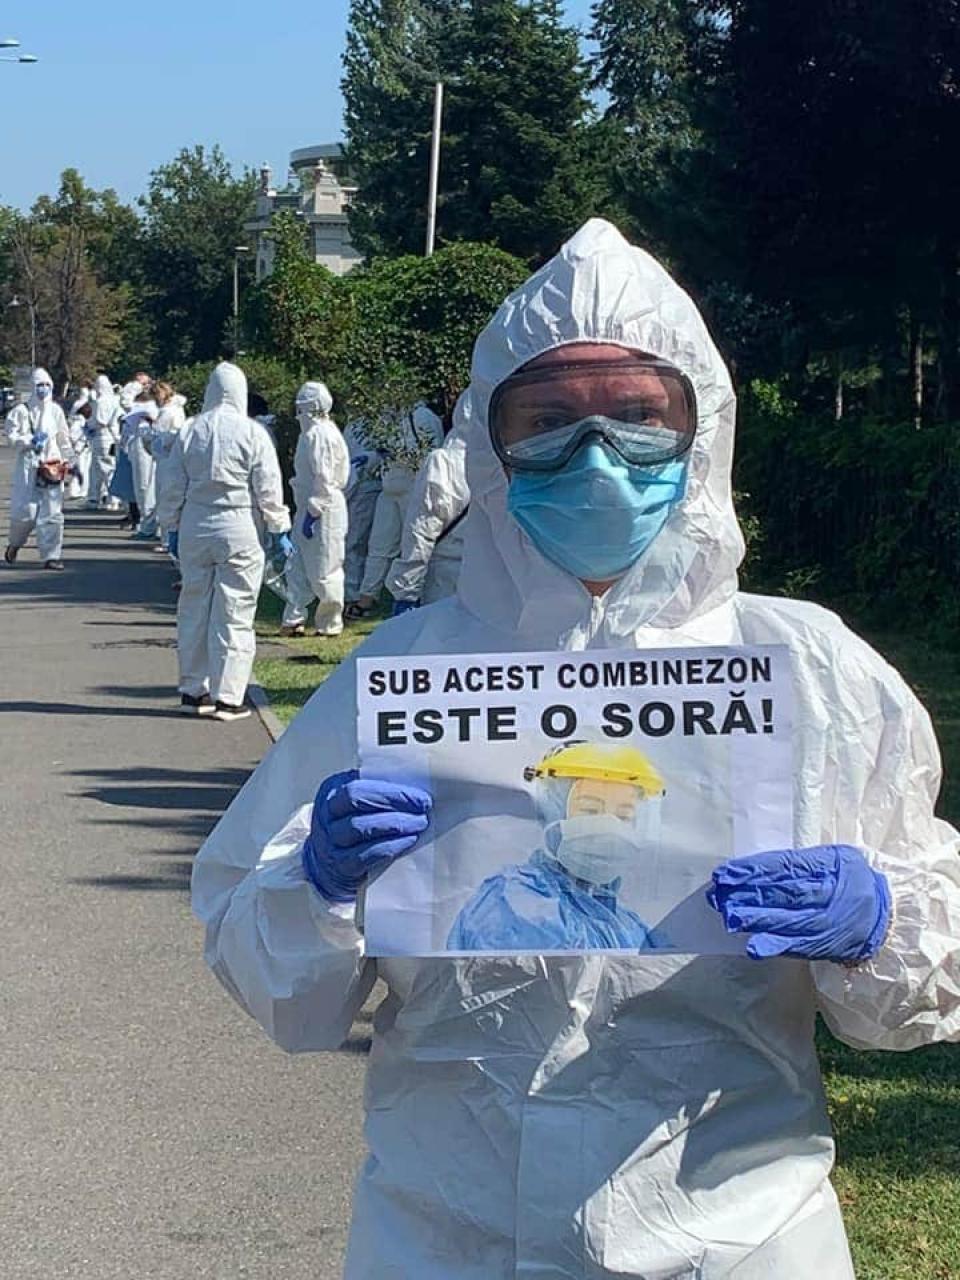 Medicii protestează în fața Guvernului. Foto: Sanitas